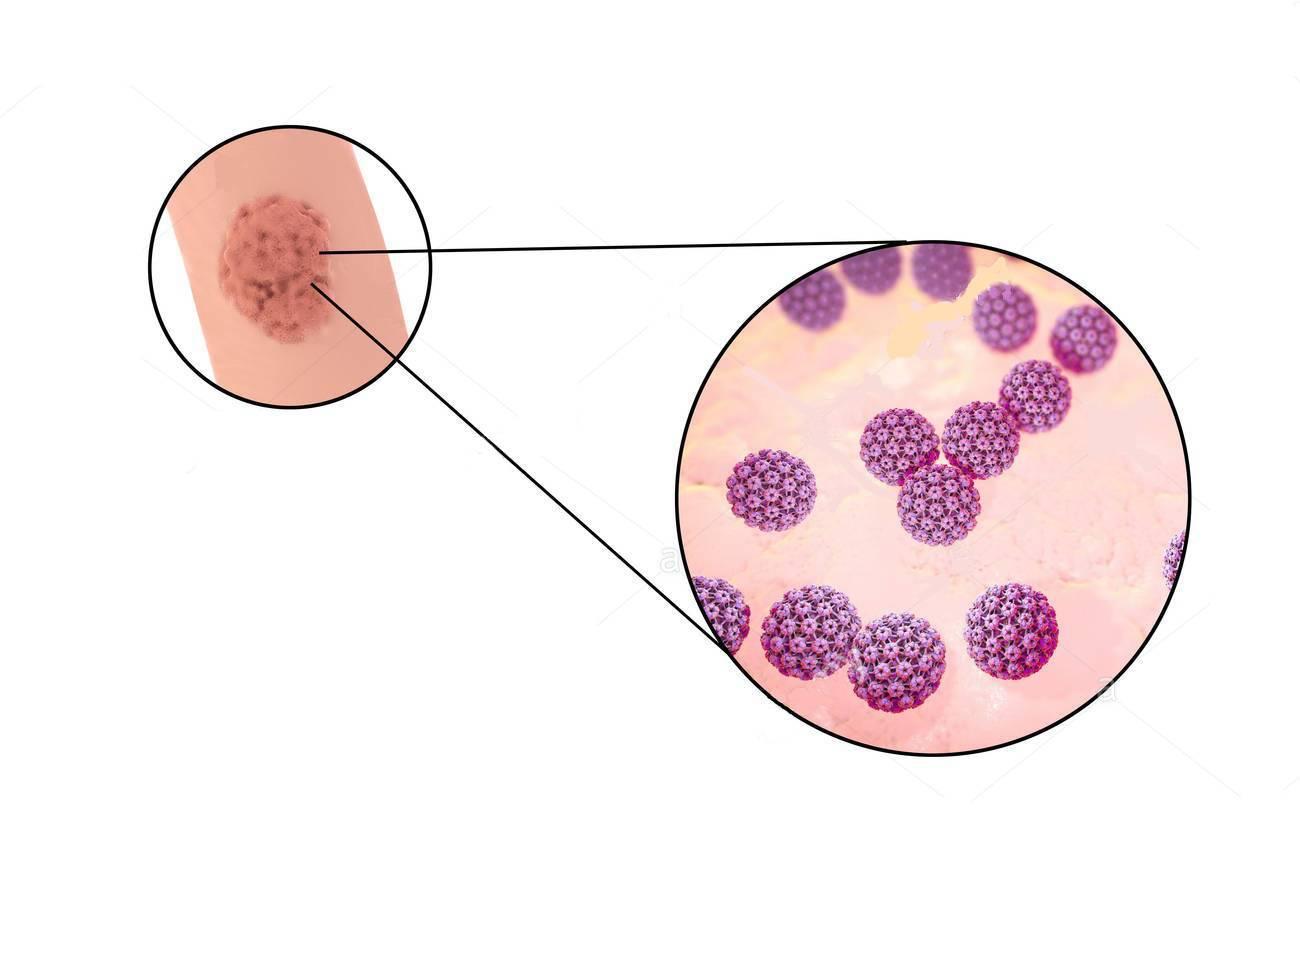 Il papilloma virus puo ritardare il ciclo - primariacetateni.ro